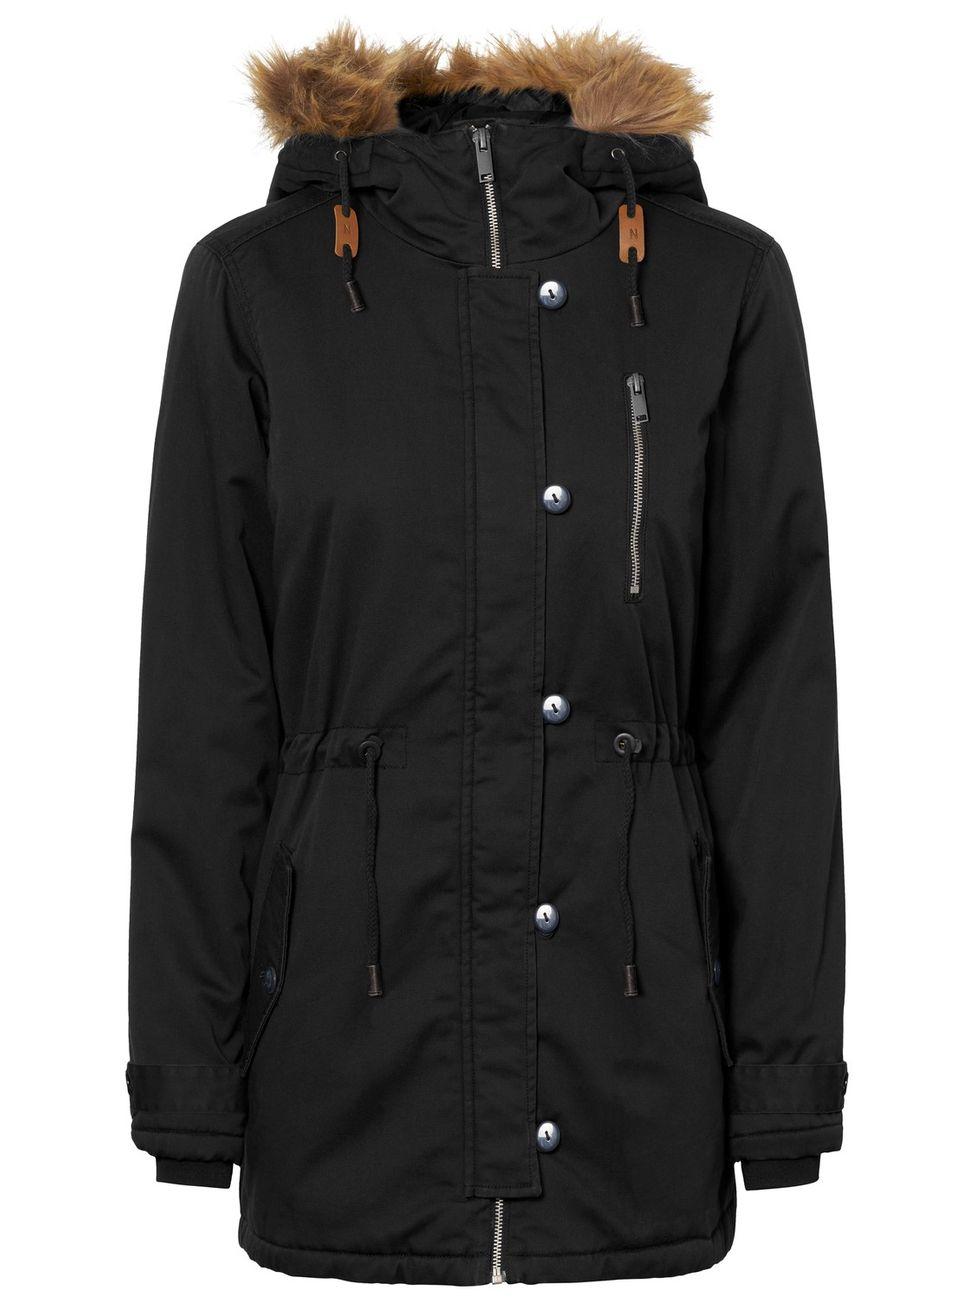 98f507d81d6b Jackenpardy bei Jeans Direct mit 50% Rabatt alle Modelle (Sale inkl   kein  MBW